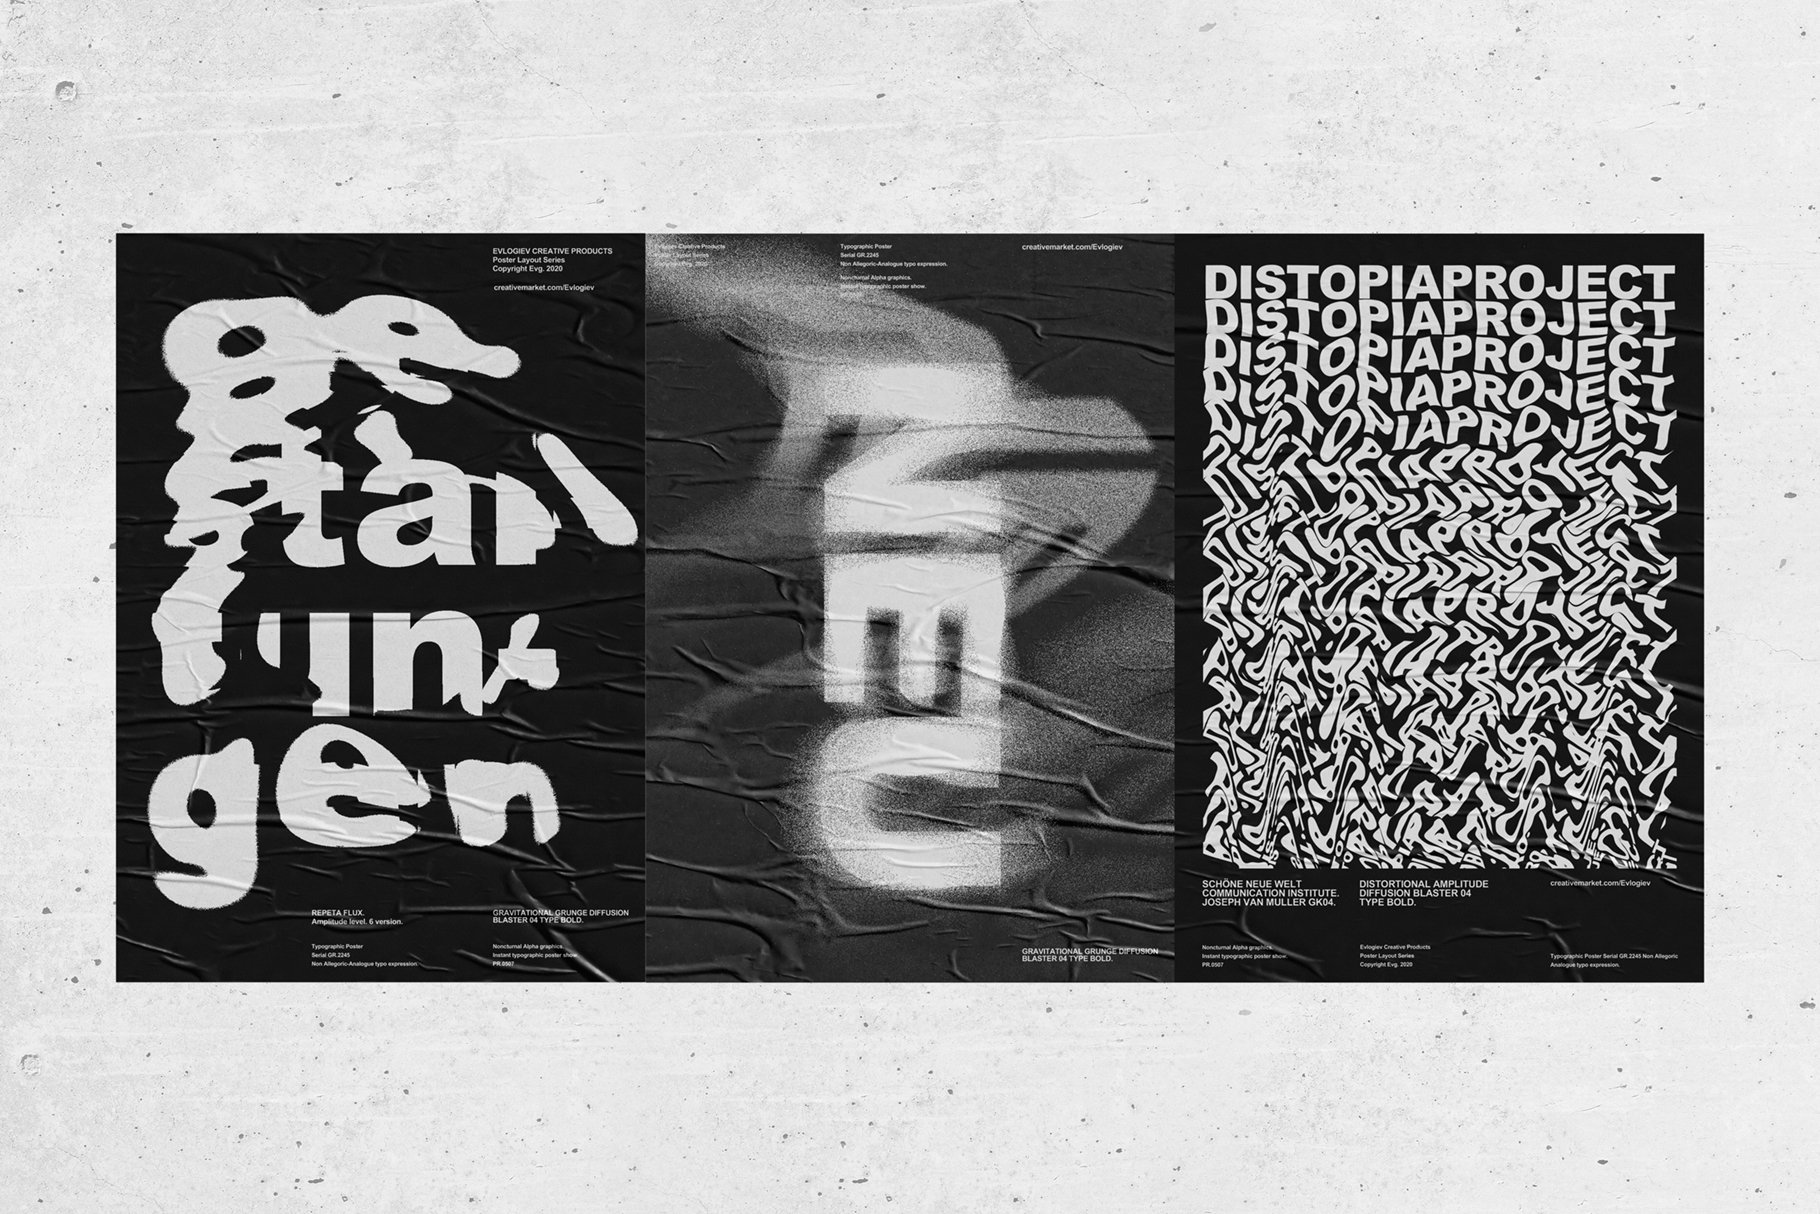 20款创意抽象主视觉海报标题特效字体设计智能贴图样机模板 Typographic Poster Layouts No.01插图(5)